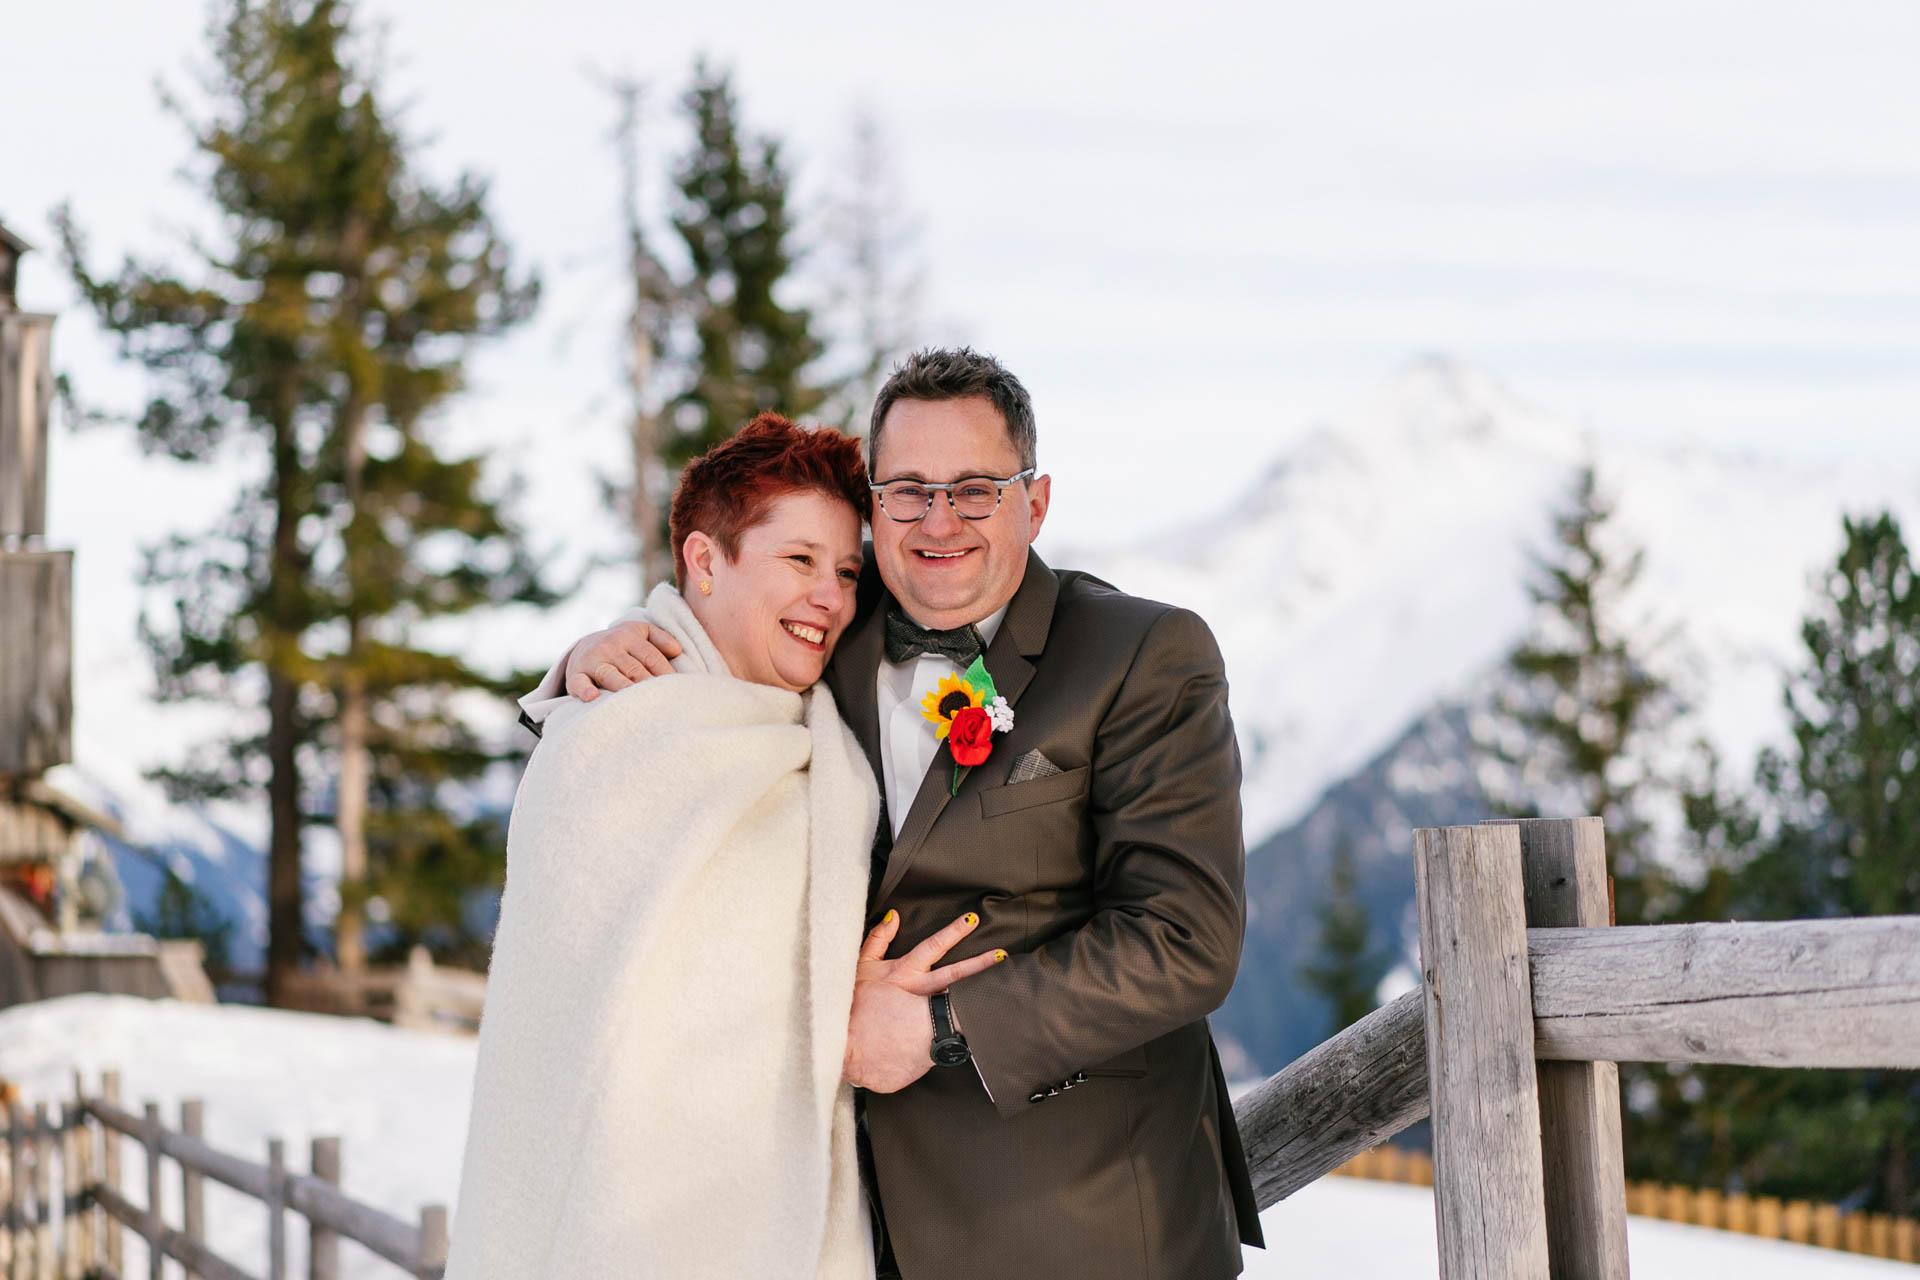 Brautpaar glücklich im Schnee bei Winterhochzeit in den Bergen